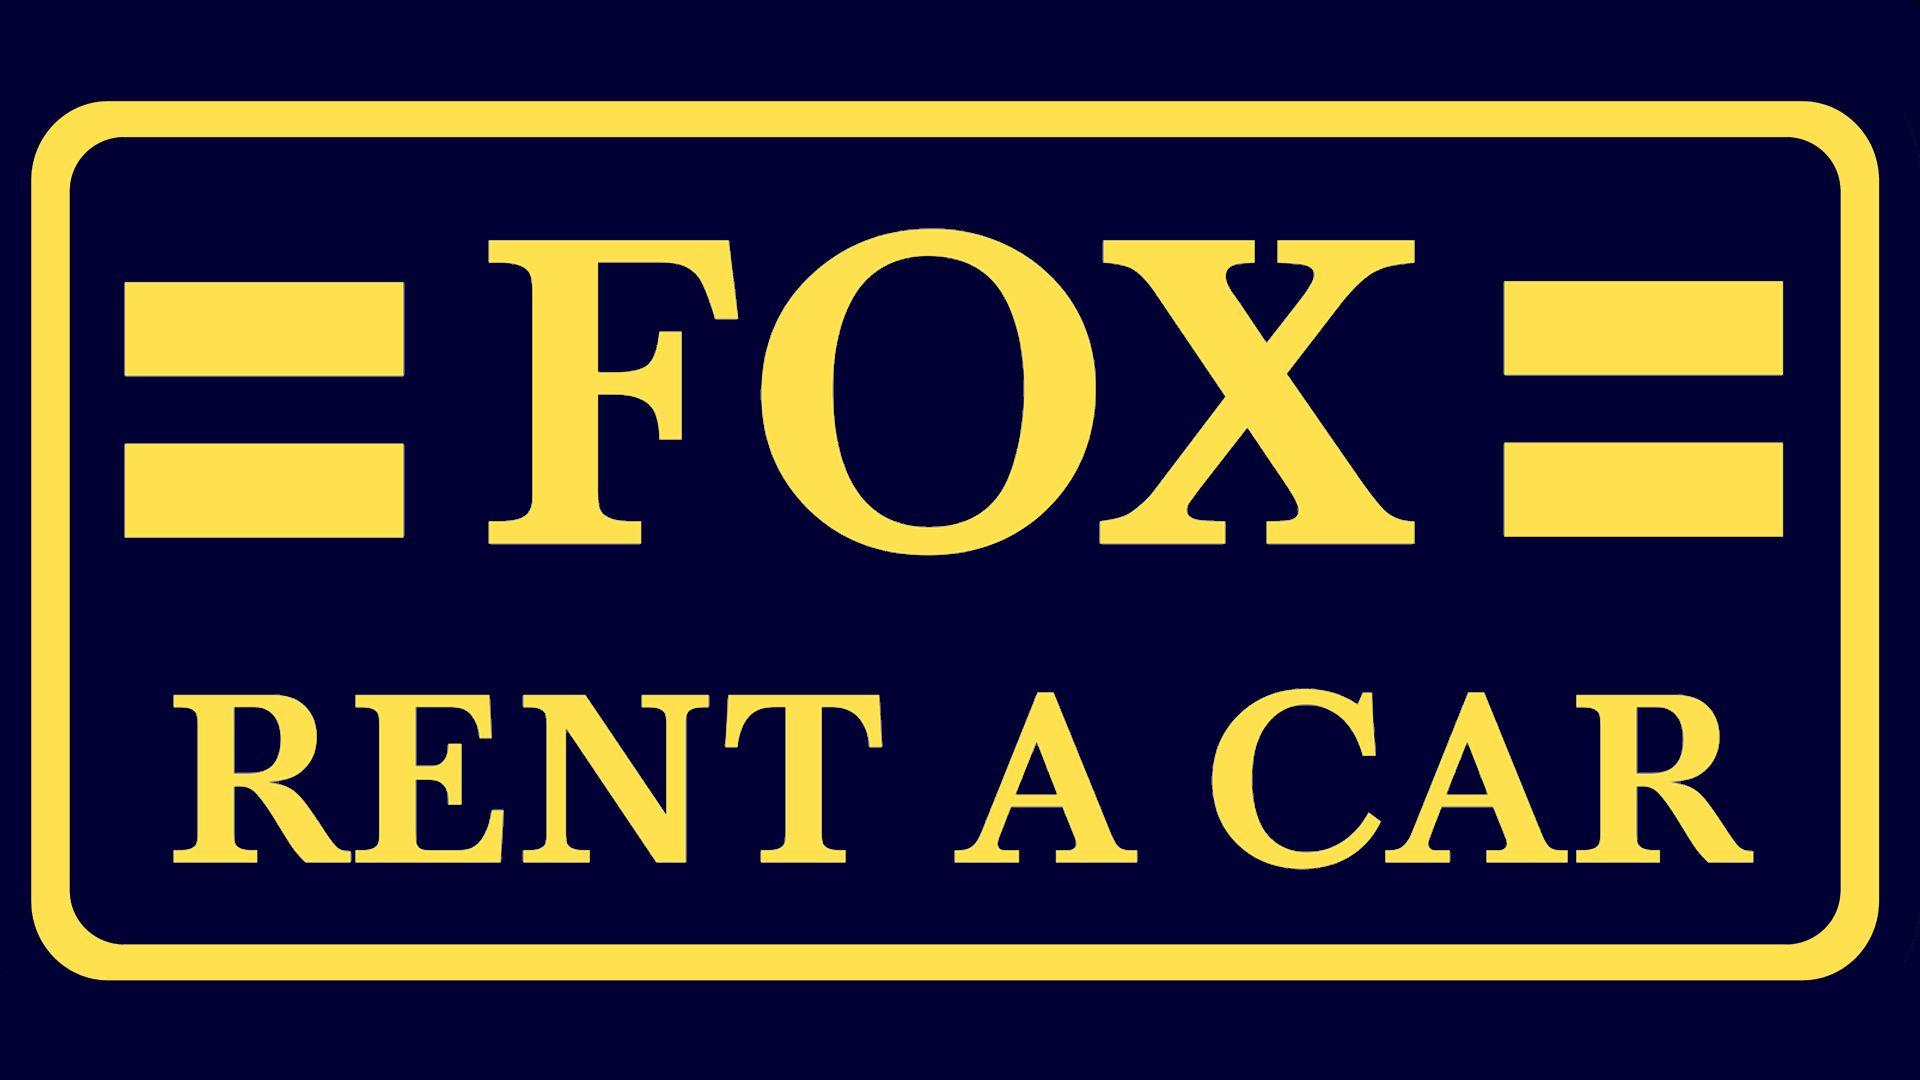 Fox Rent A Car Mx Rentacar Con Imagenes Autos